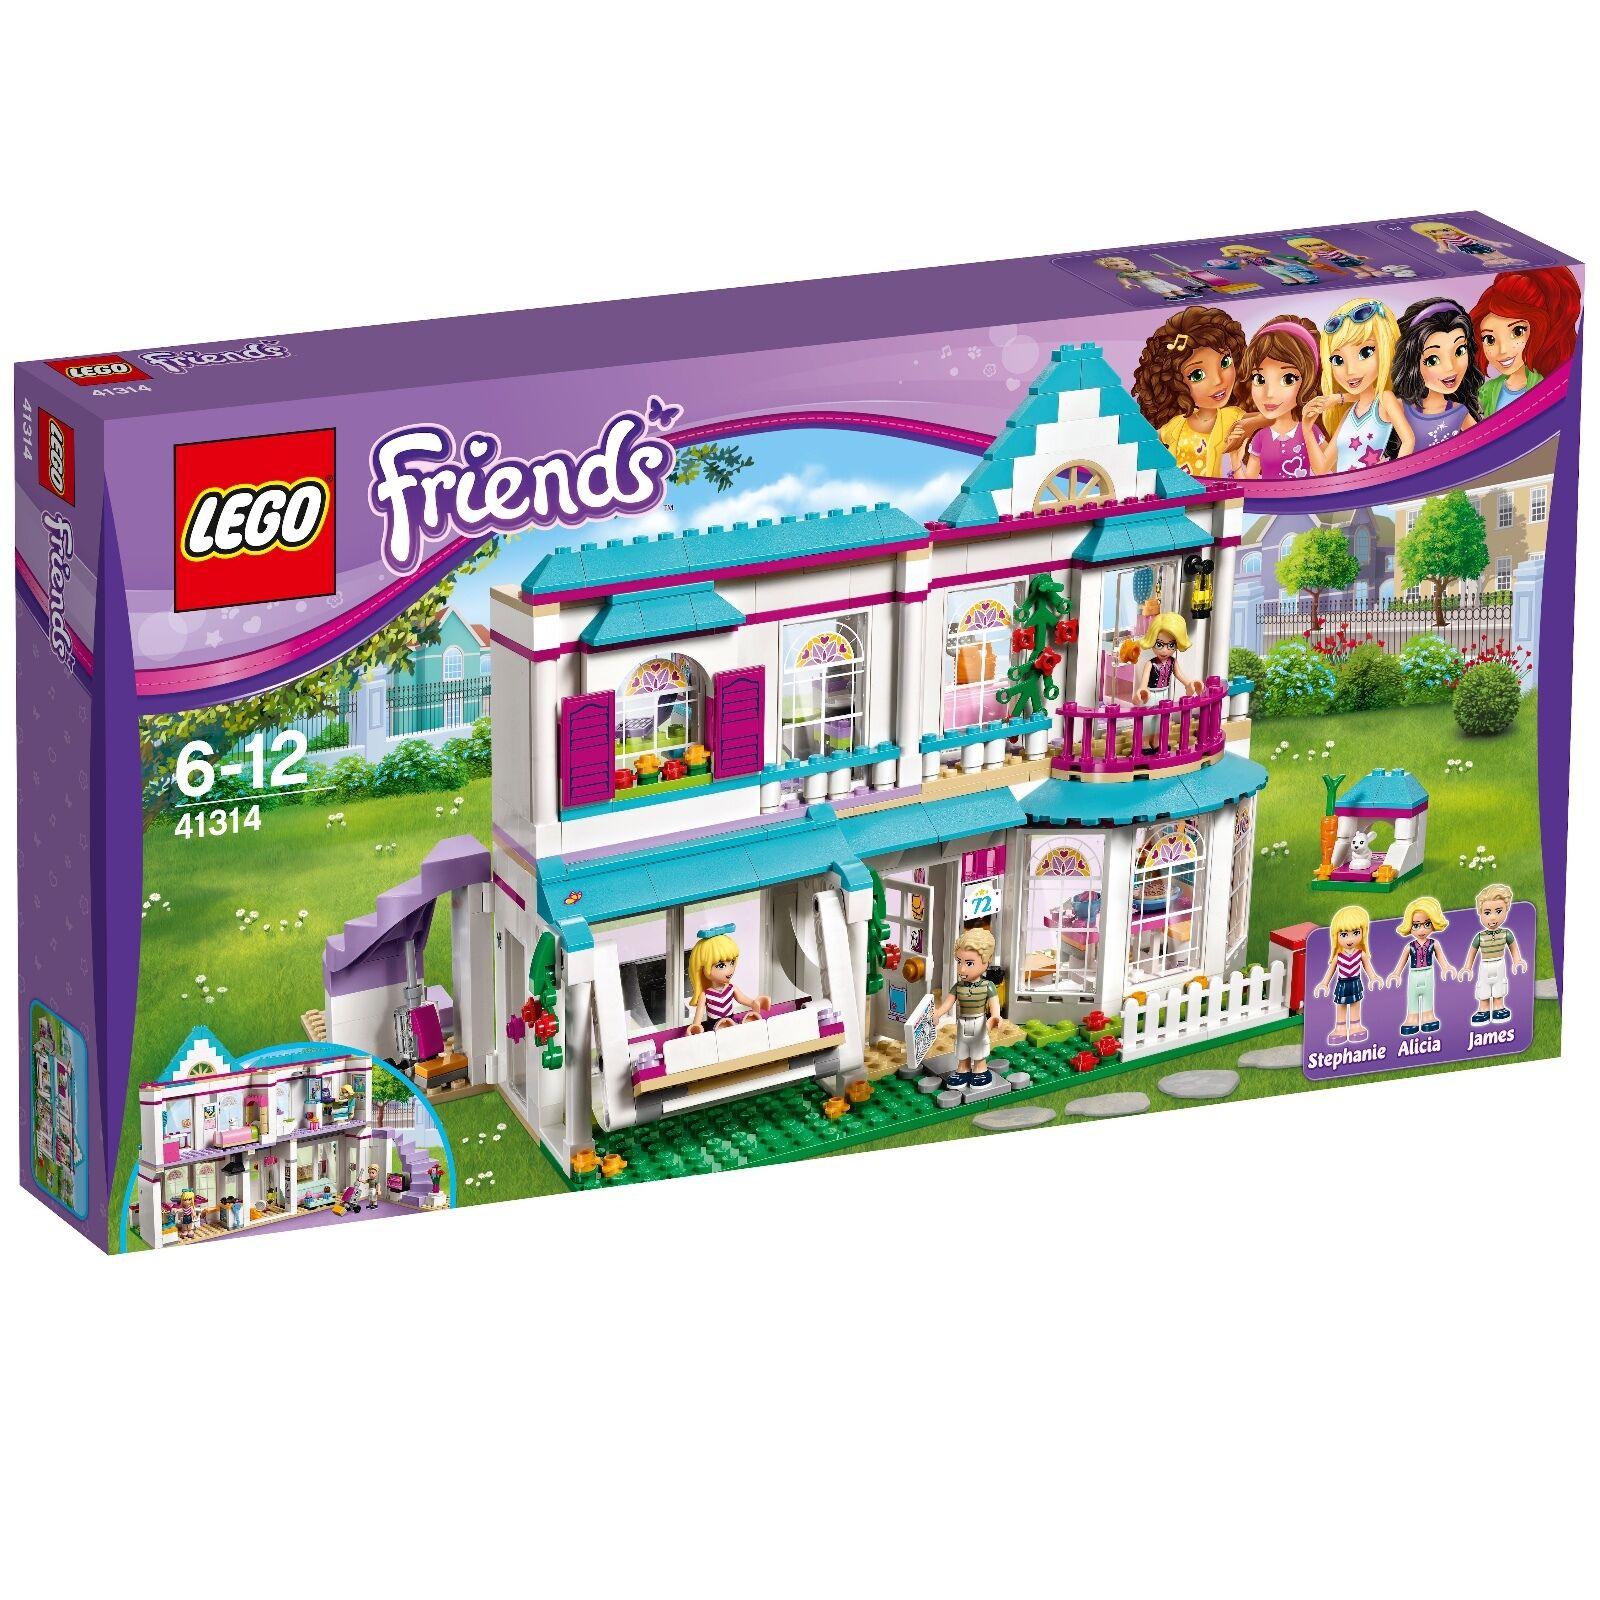 LEGO ® Friends 41314 Stephanie Maison Nouveau ovp_41314 Stephanie's House New En parfait état, dans sa boîte scellée